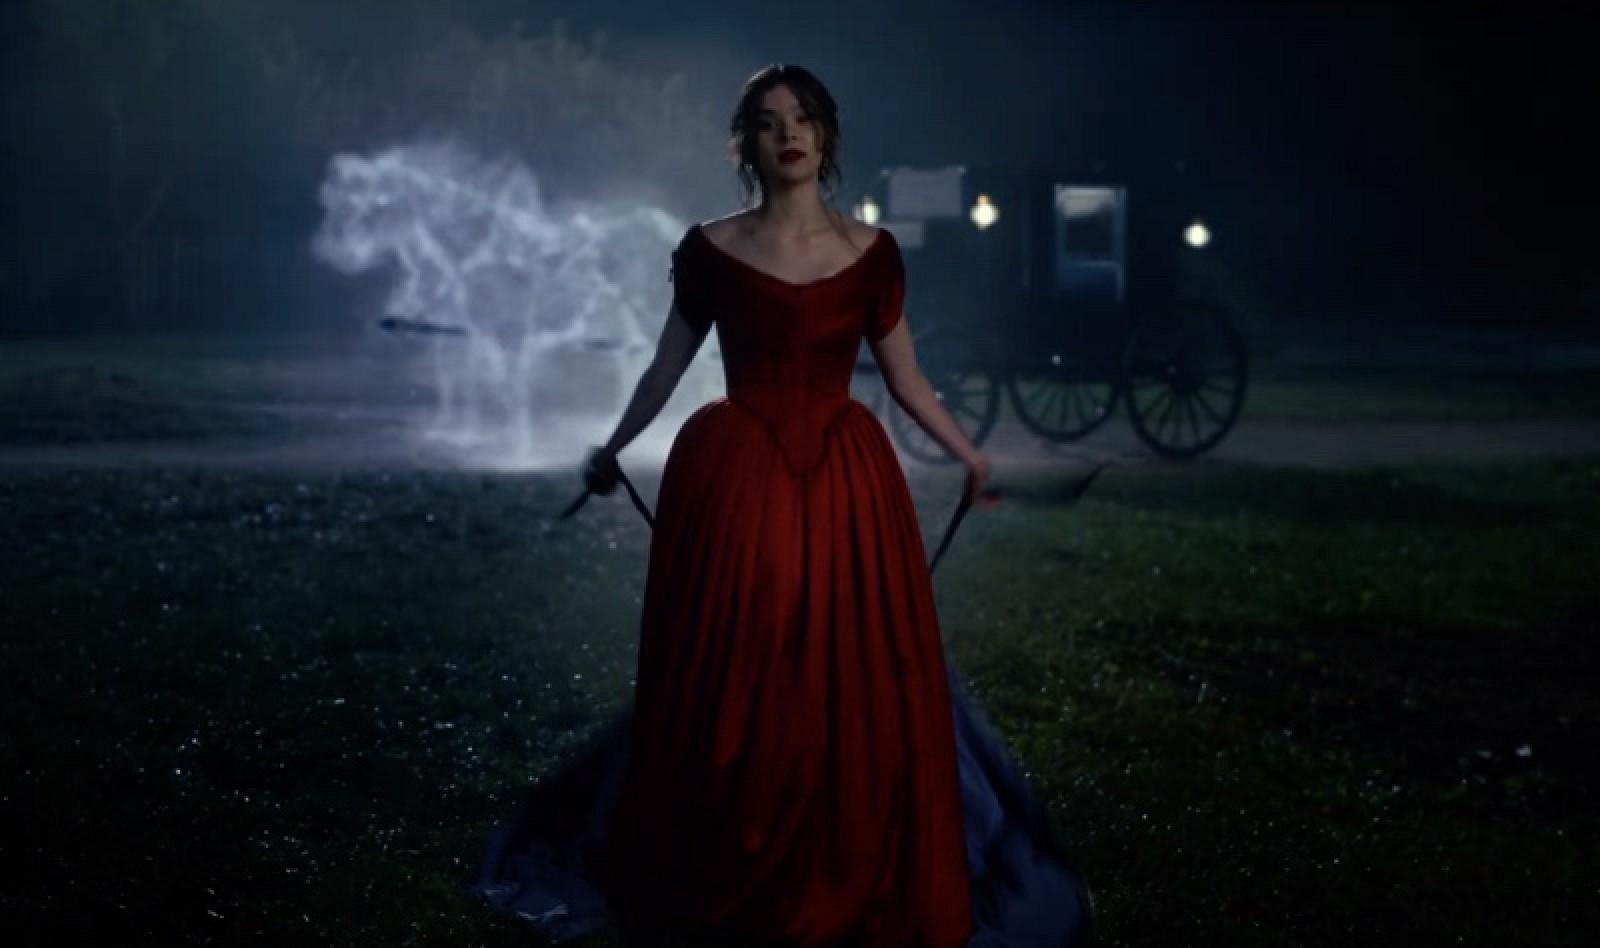 Apple comparte nuevo trailer del próximo programa de televisión 'Dickinson' con la canción original 'Afterlife' de Hailee Steinfeld